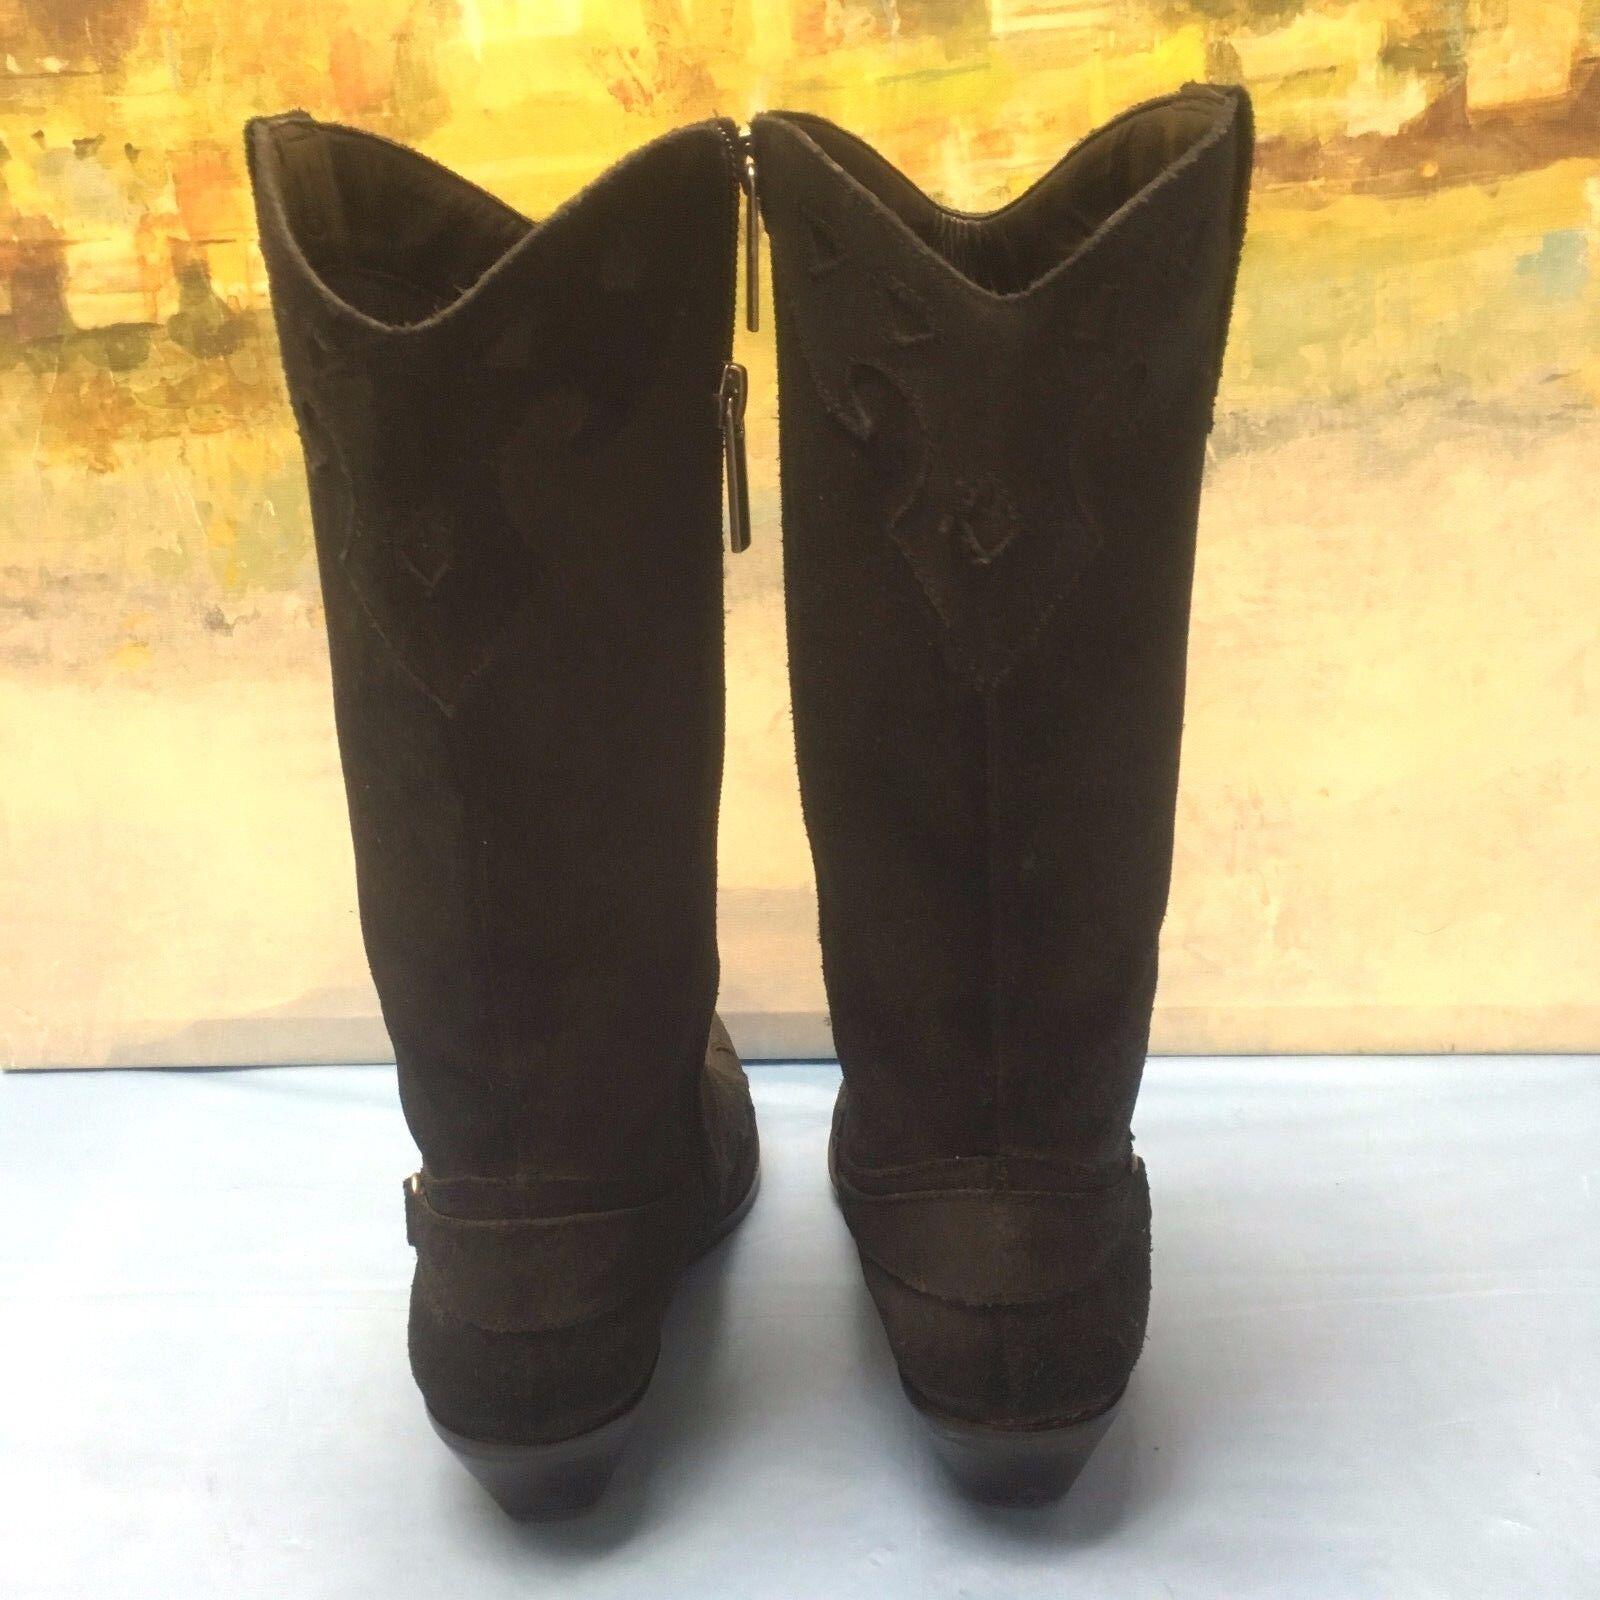 RELEA RELEA RELEA  LANCE BLACK COWGIRL WESTERN BOOTS SIZE 5.5M 428b1f